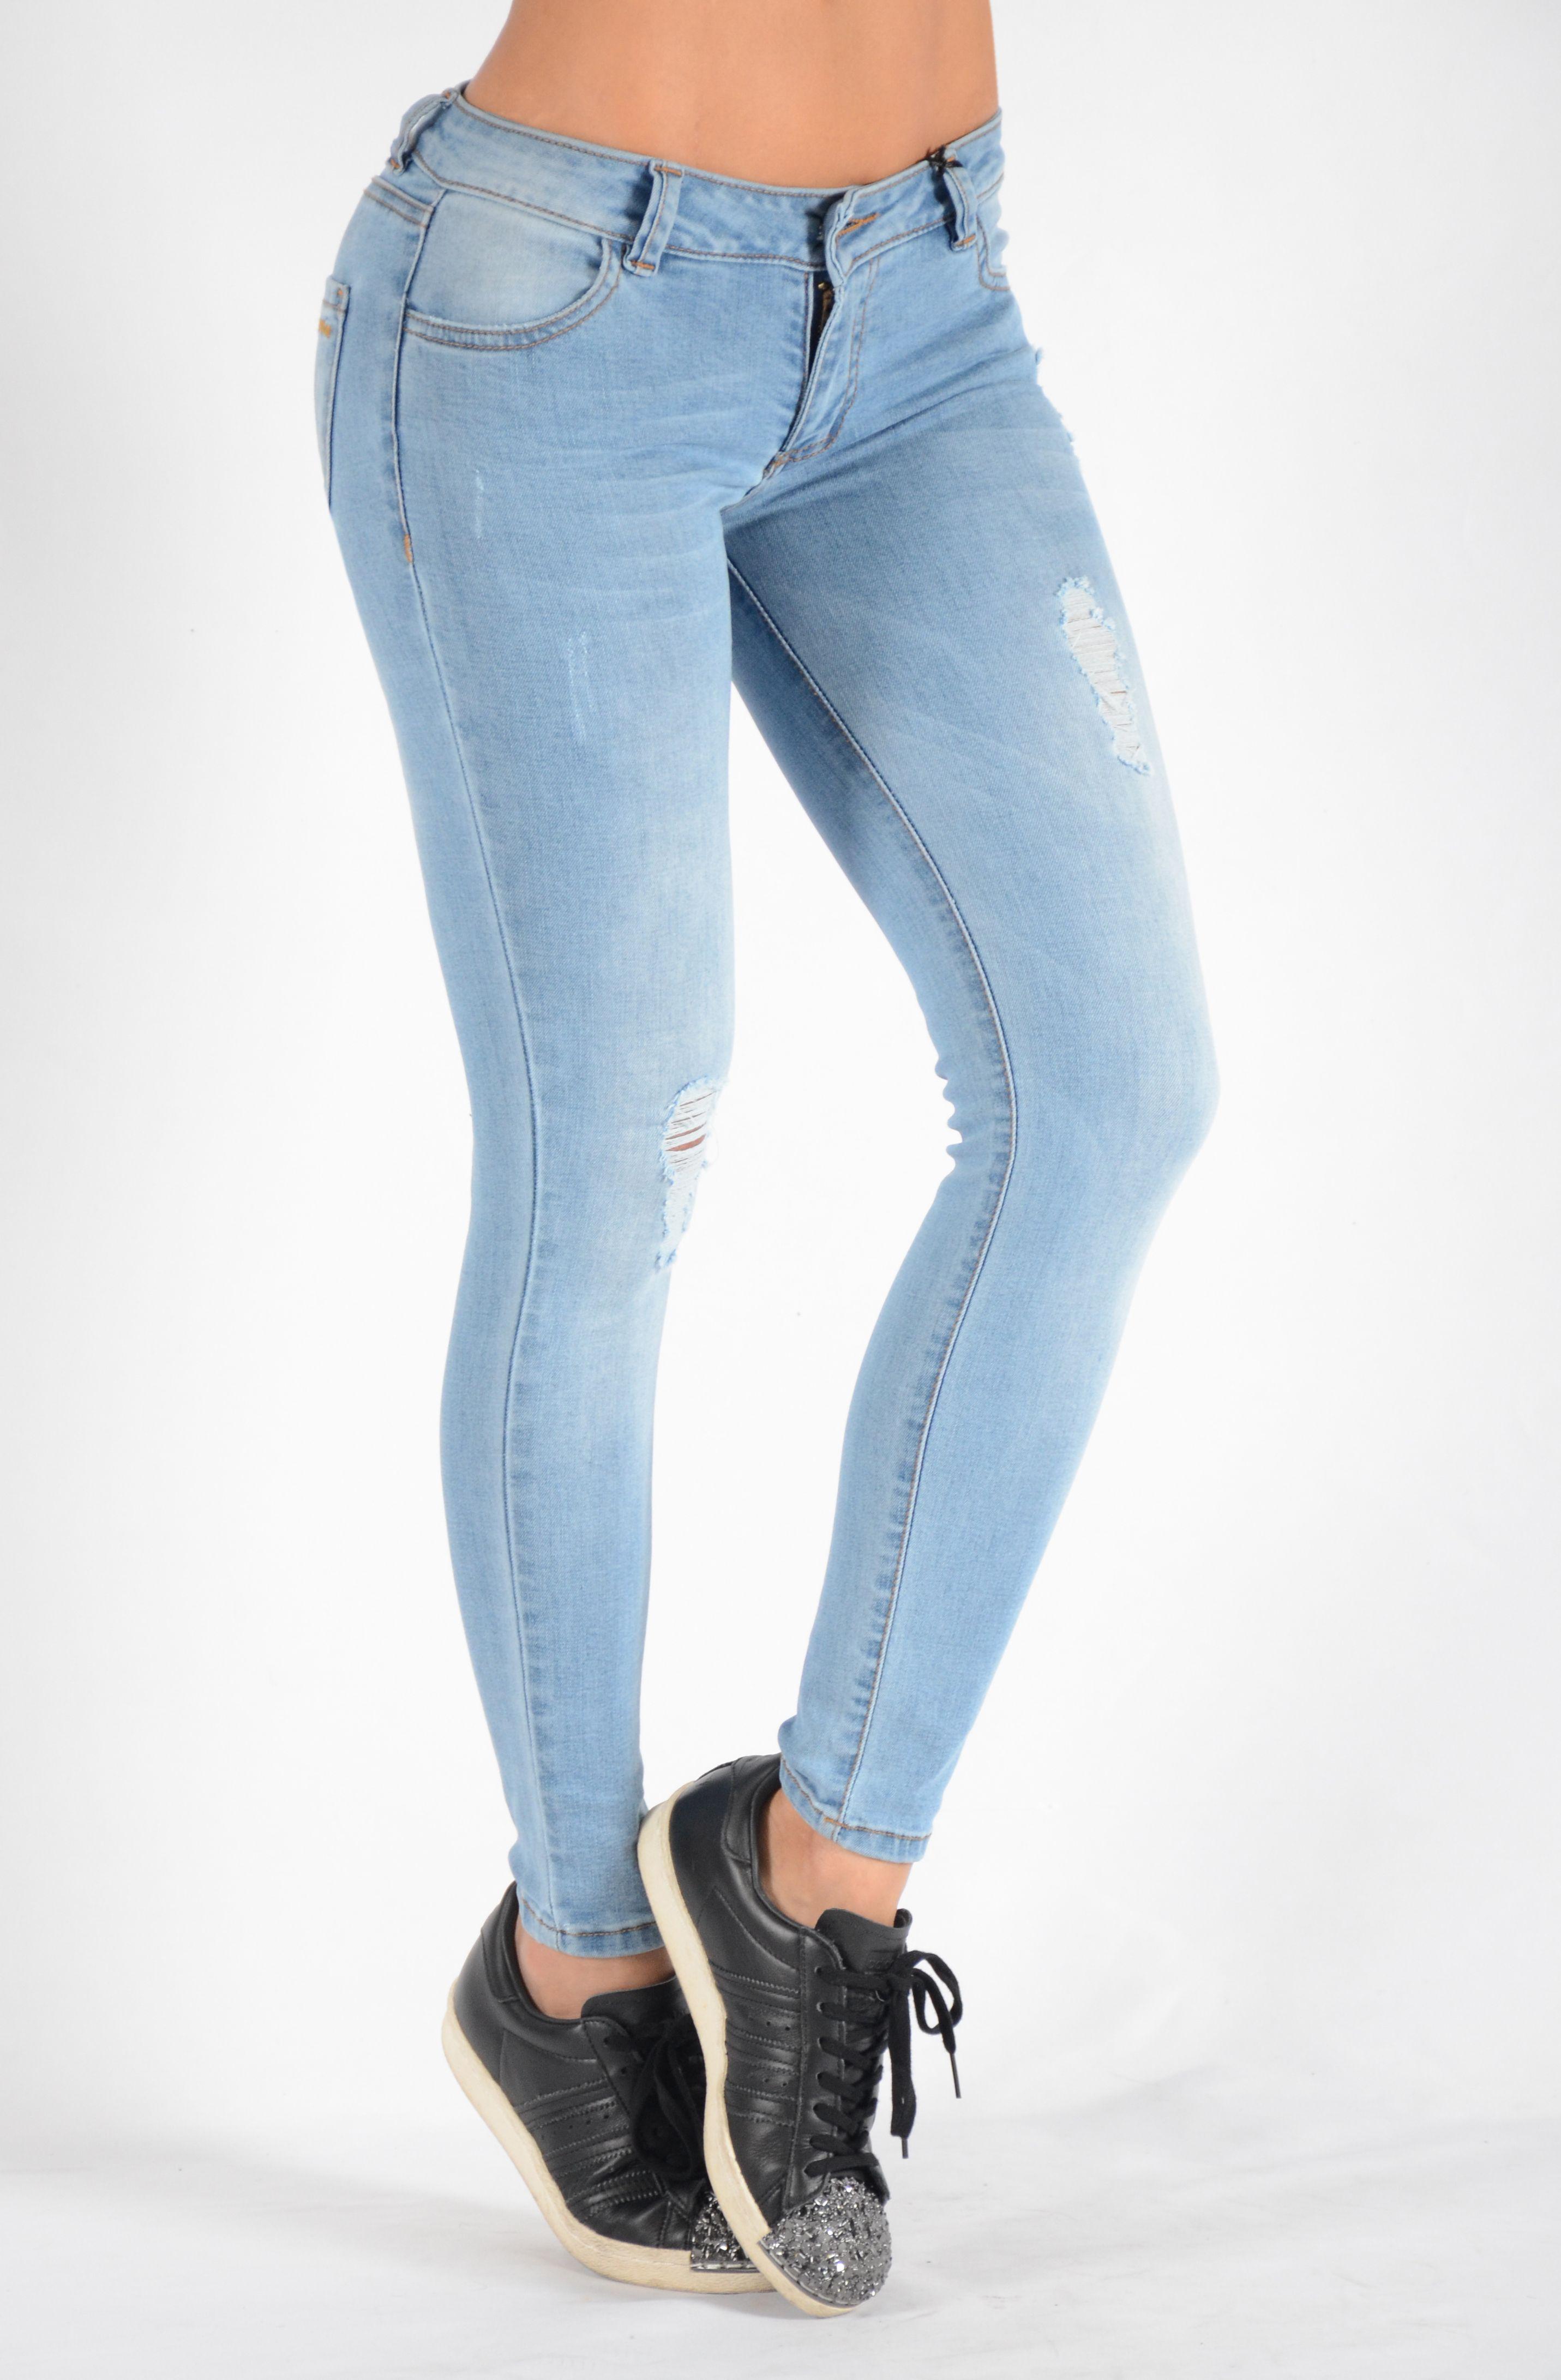 a77f883f40 Jean colombiano - Jean claro con desgaste